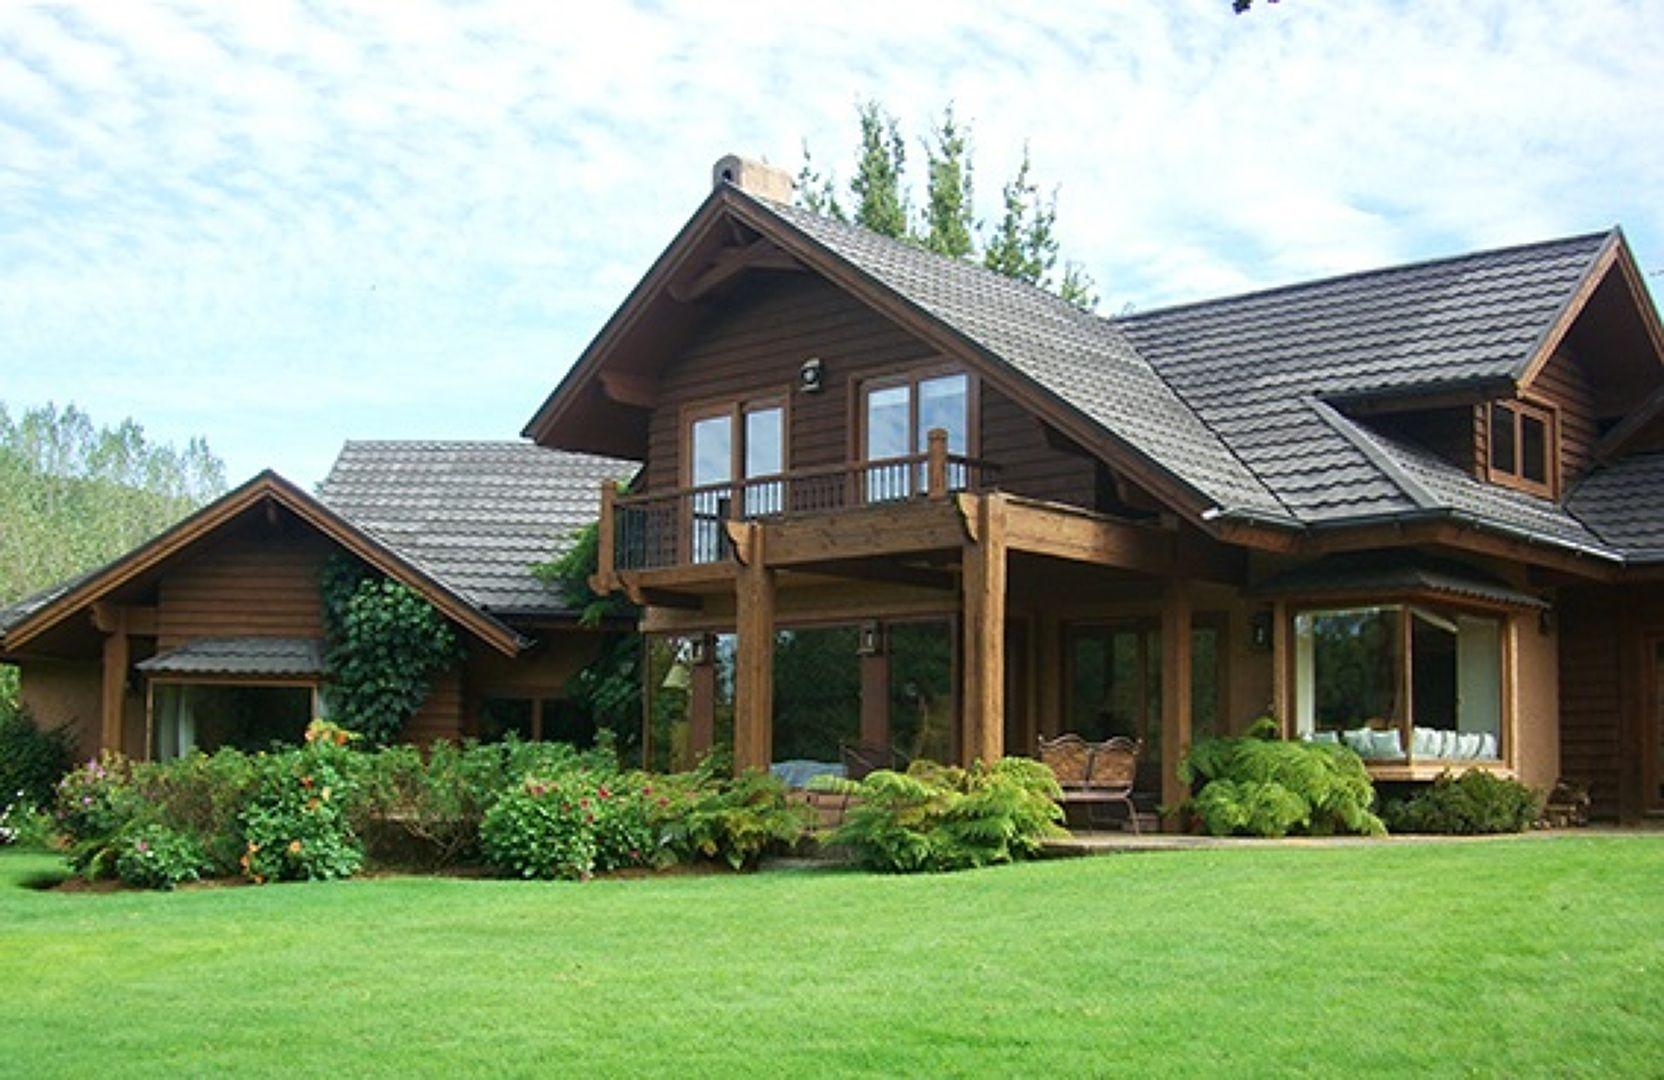 Casa de campo | Casas prefabricadas, Casas, Fachadas casas ...